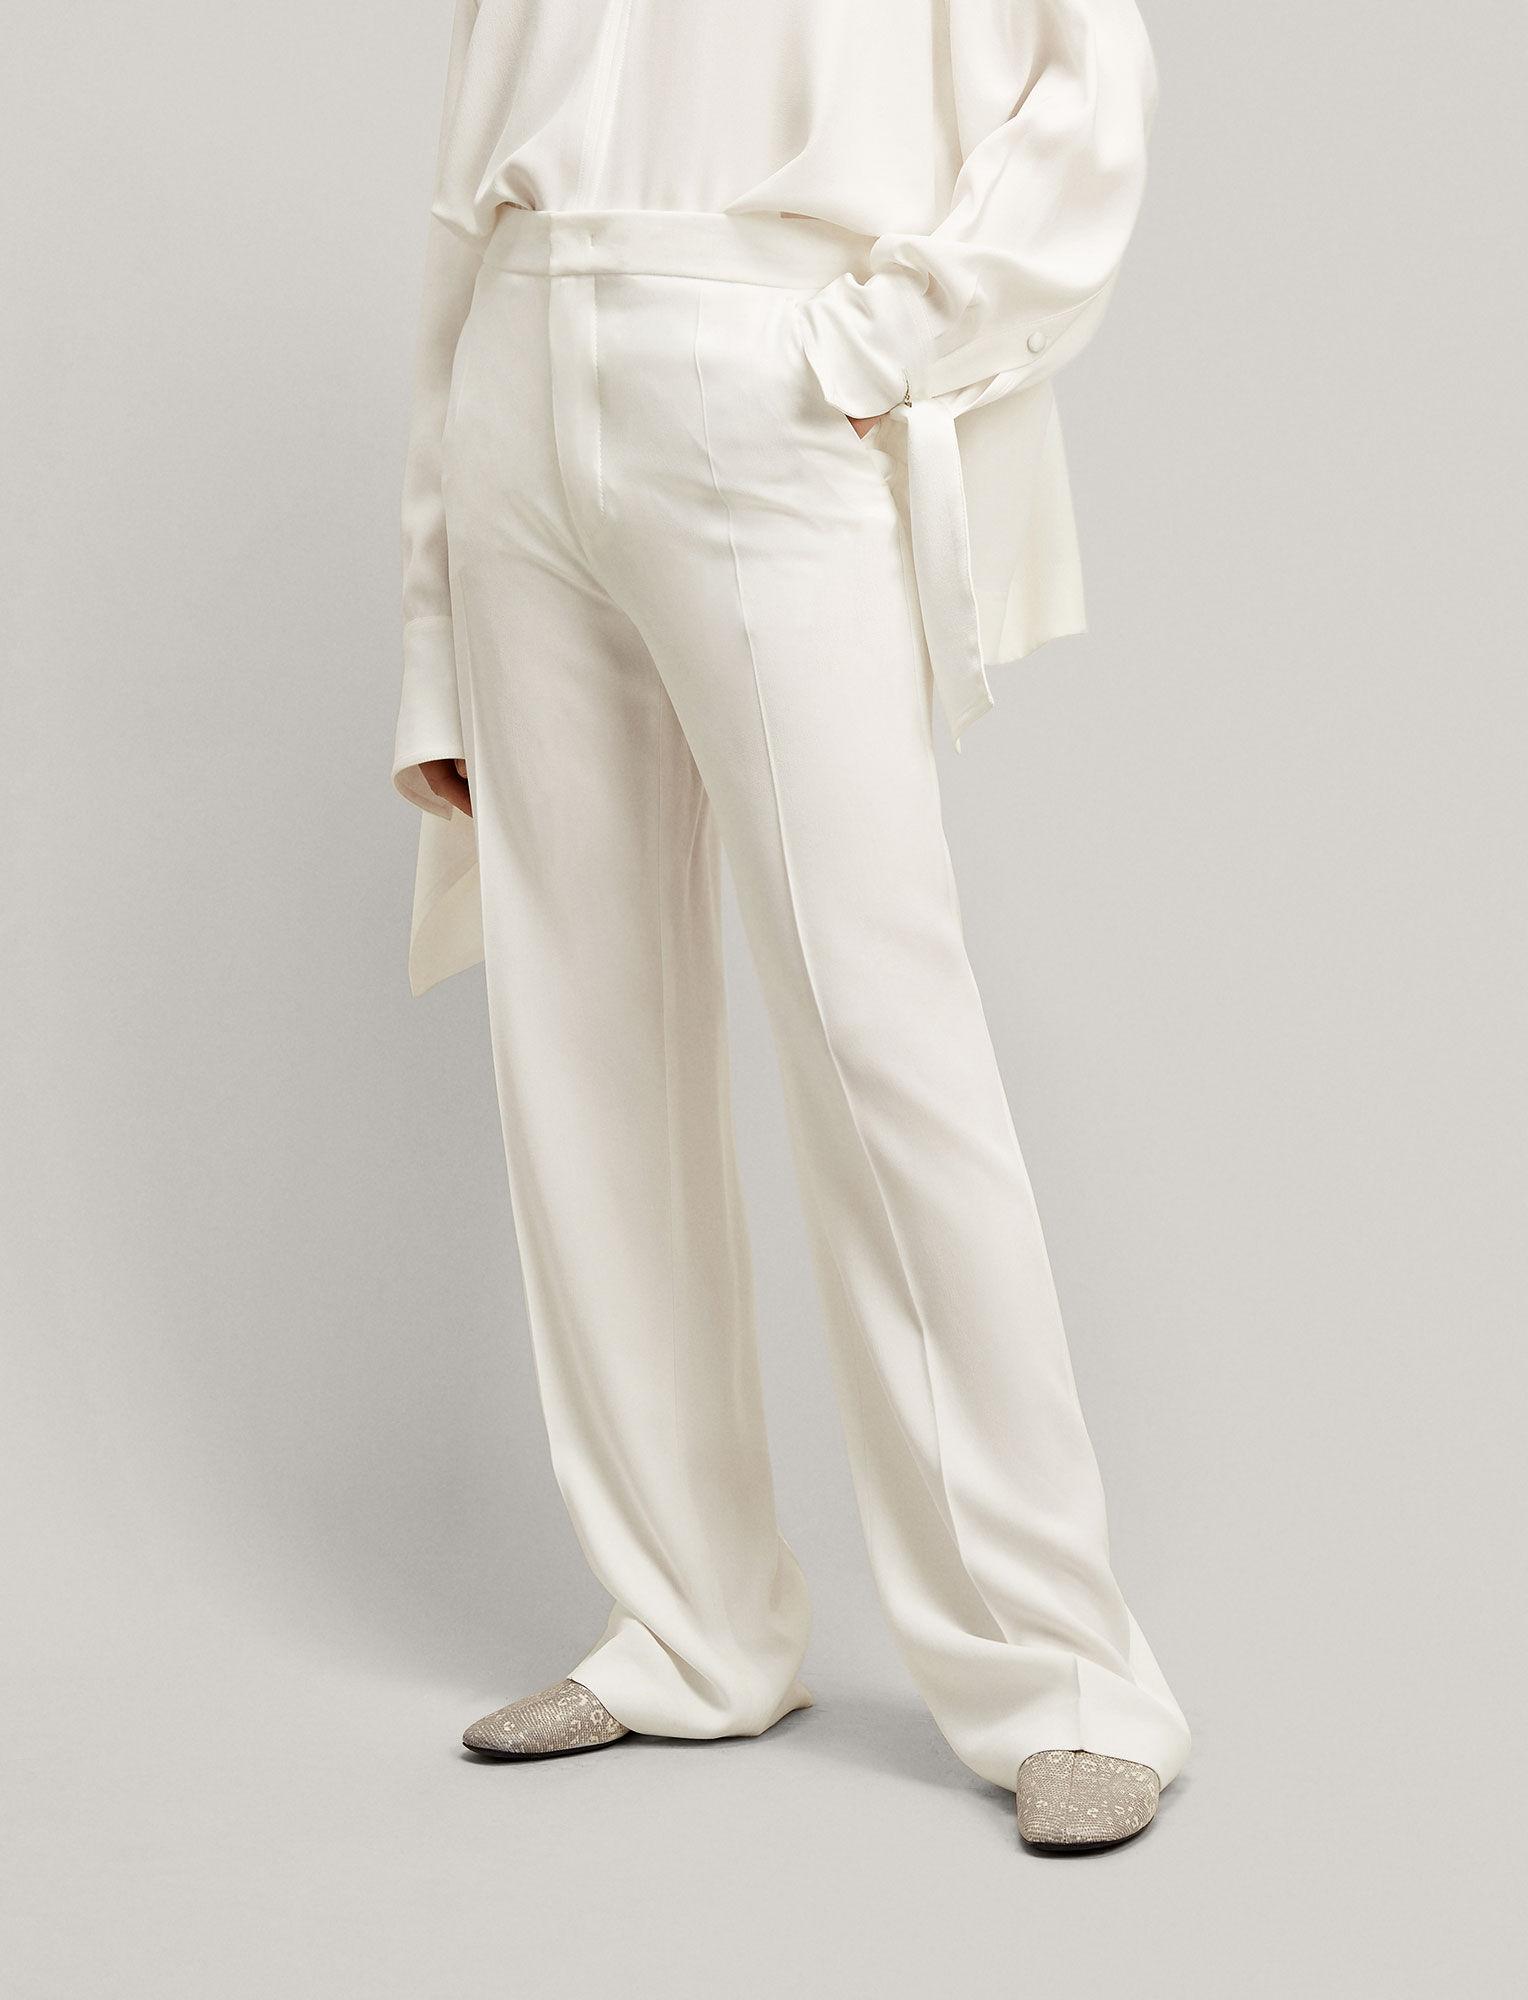 39d0175e719cc JOSEPH-New-Ferdy-Crepe-Satin-Trousers-White-jp0004610020-3.jpg